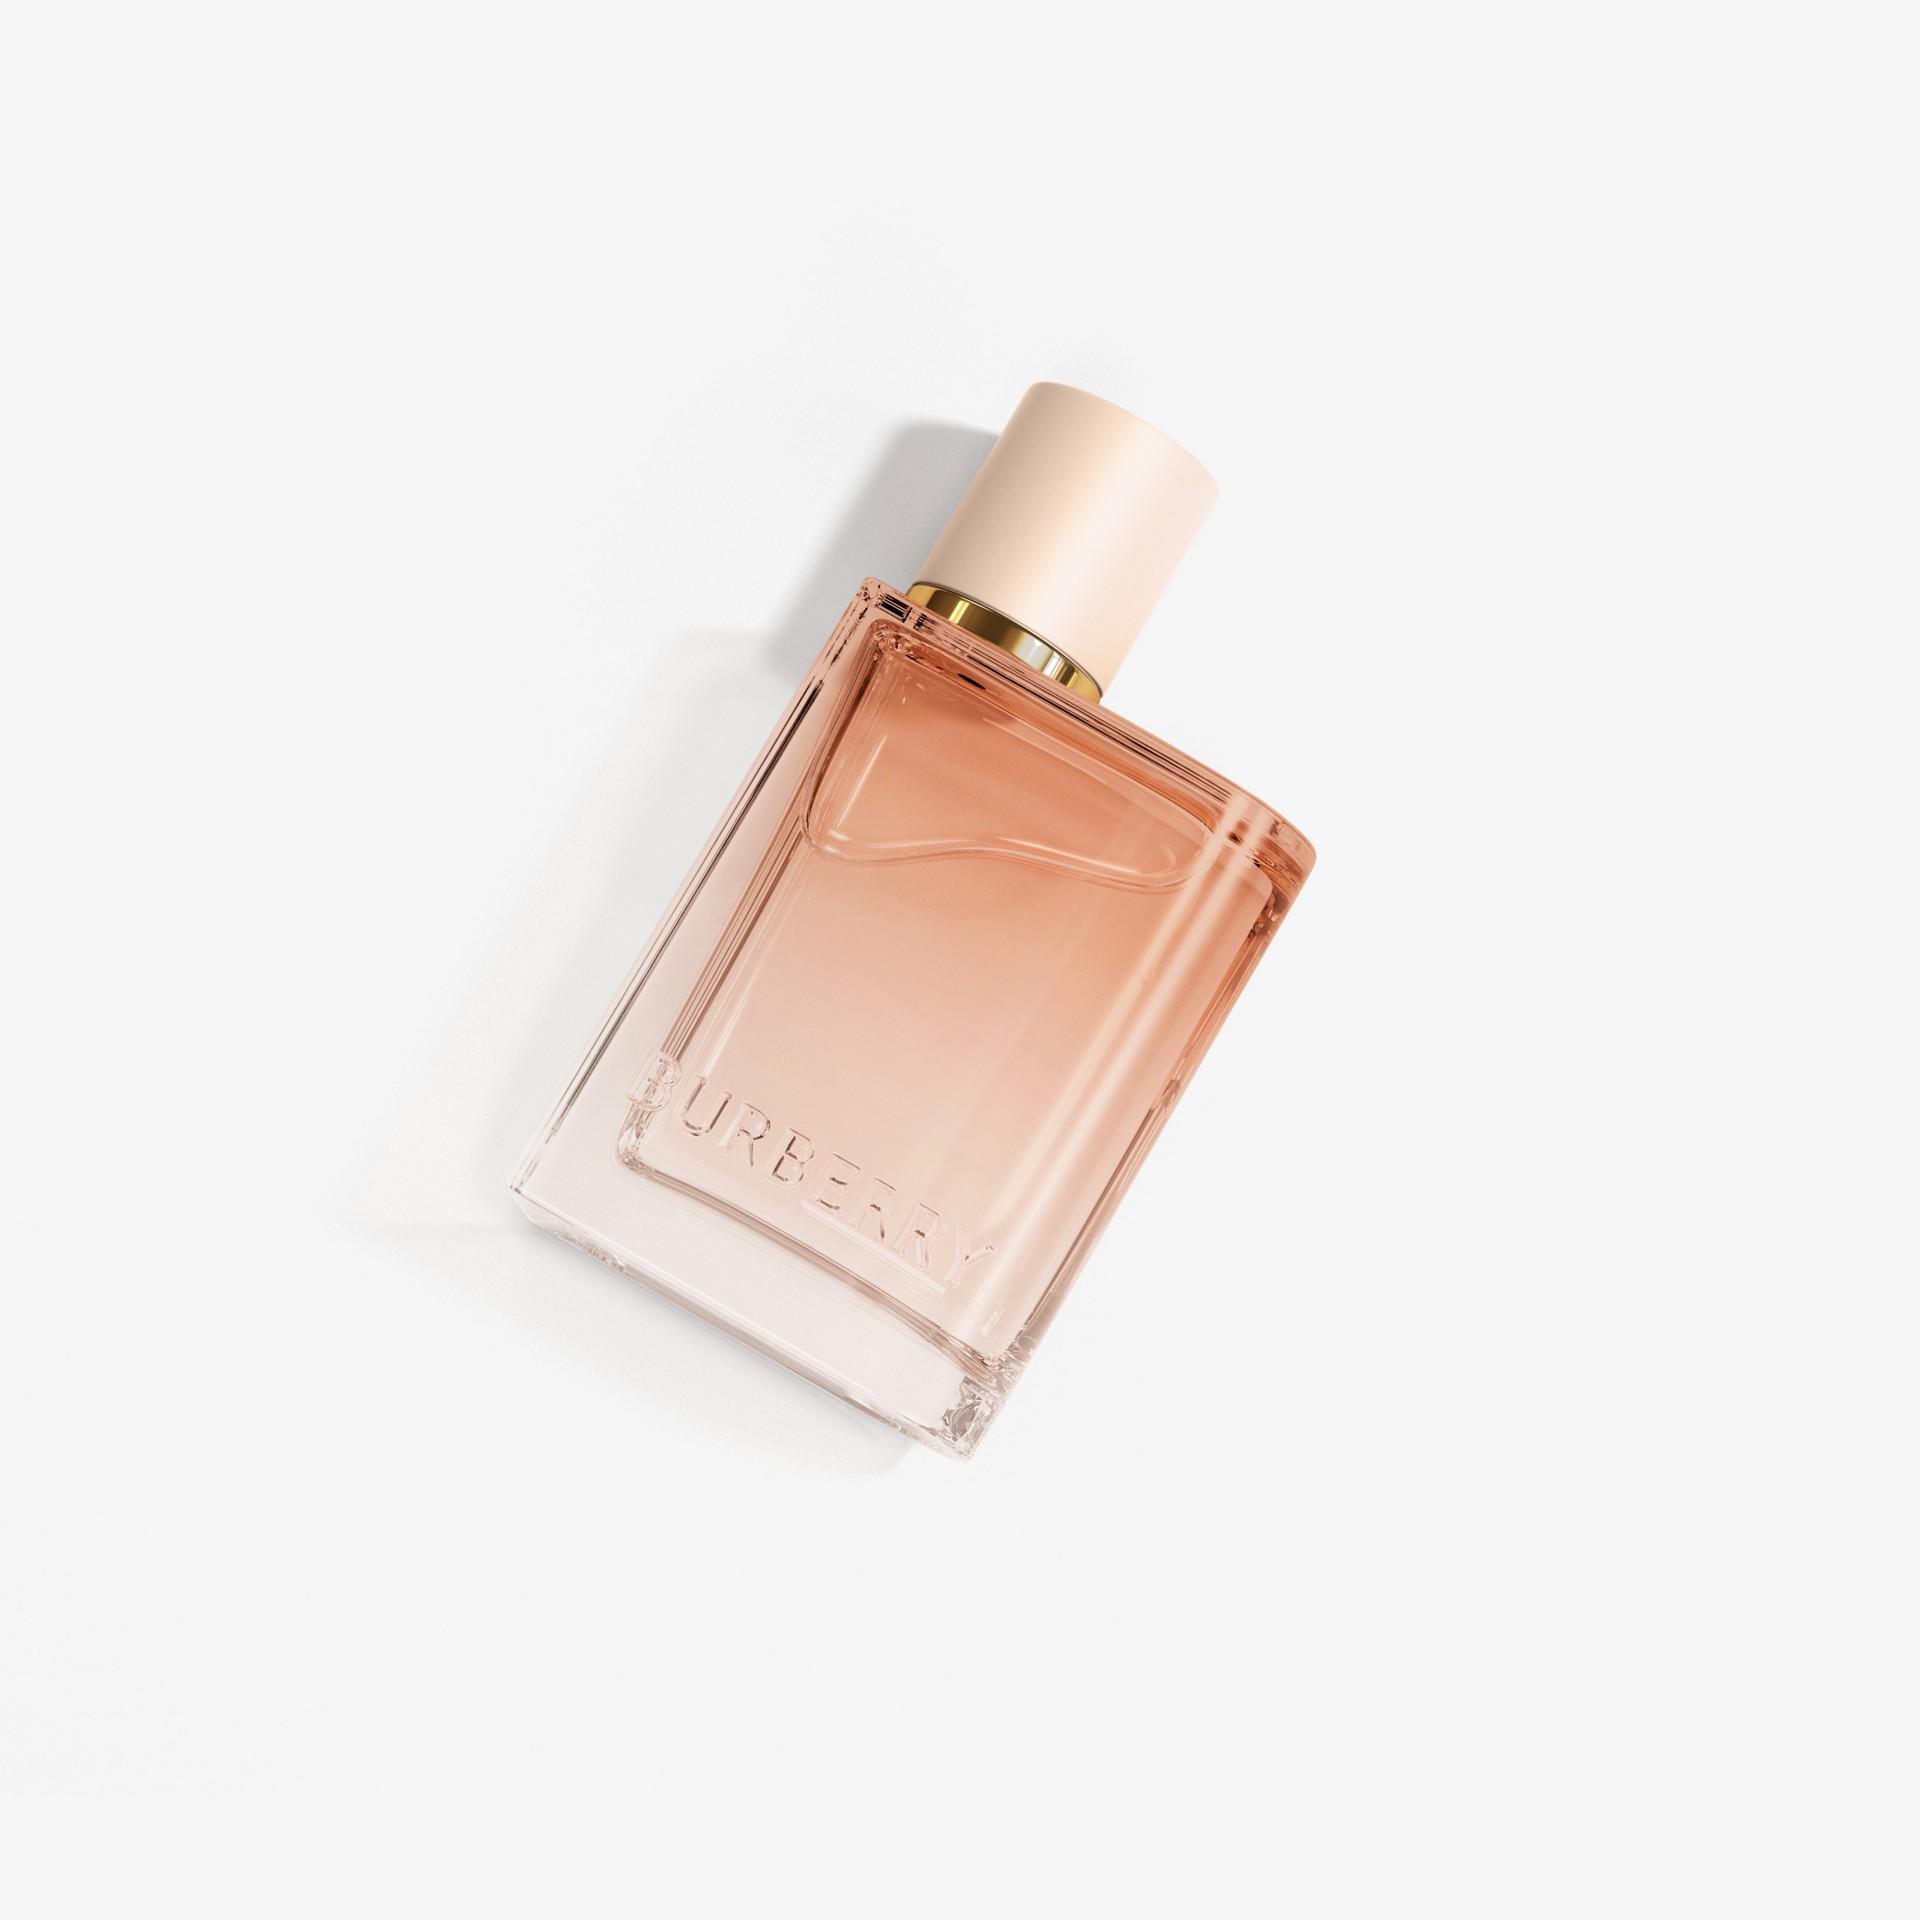 Eau de Parfum HerIntense 30ml - Femme | Burberry - photo de la galerie 0